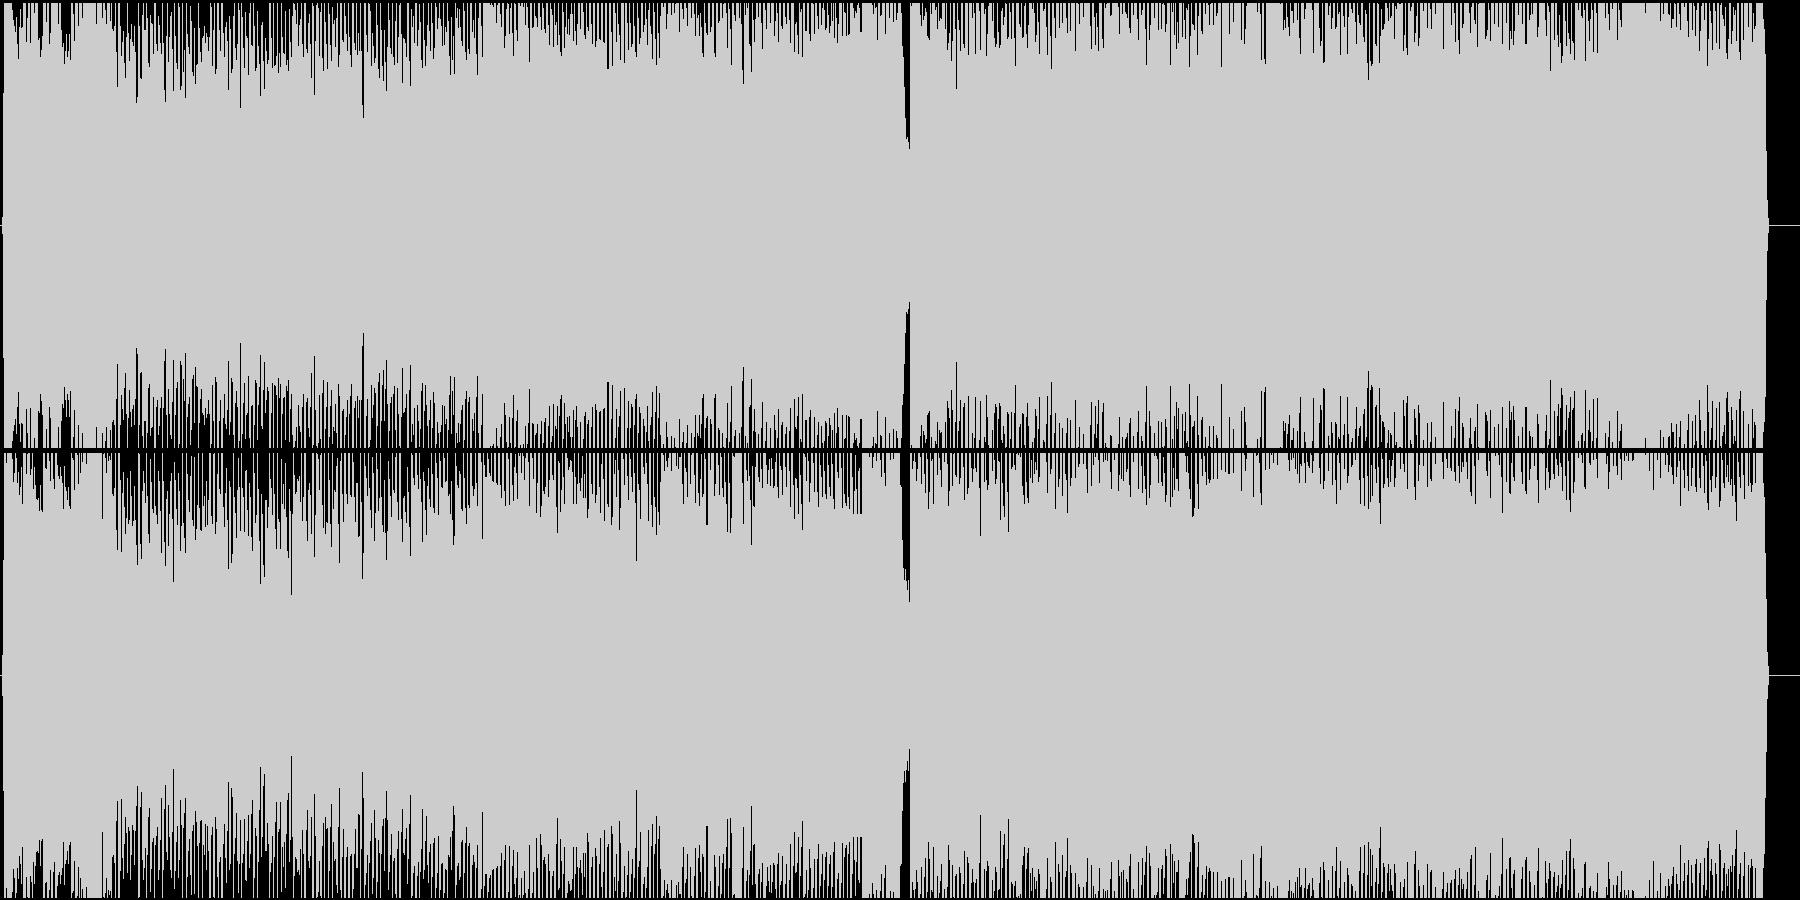 女性Vo★王様、姫、猫の3連符ロック曲♪の未再生の波形